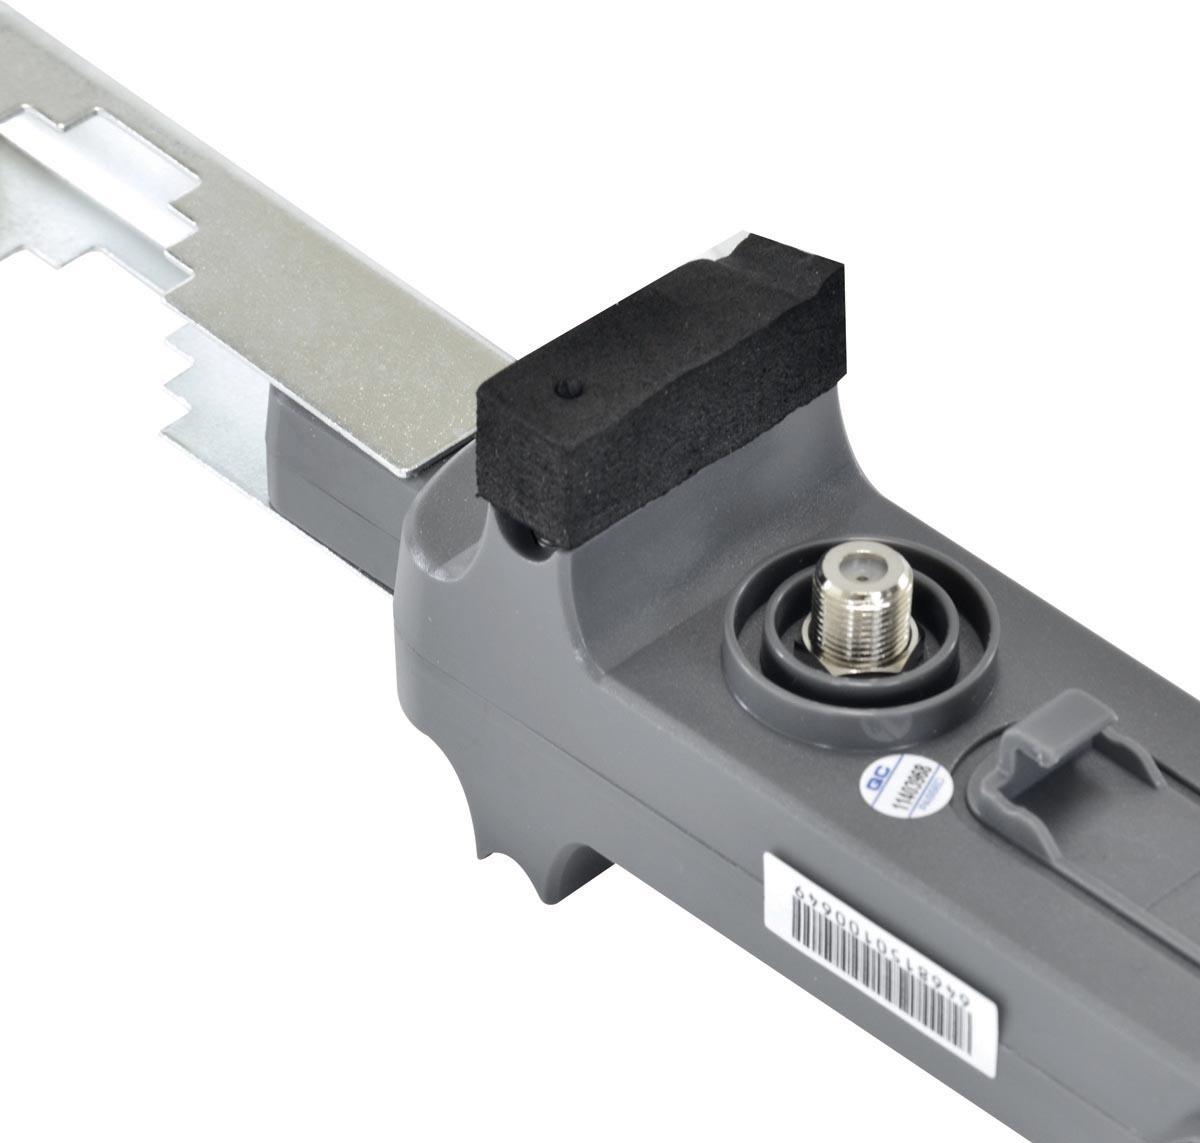 ANTENA EXTERNA DIGITAL FULL HD PARA TV  - HDTV/UHF/VHF - HDO-10